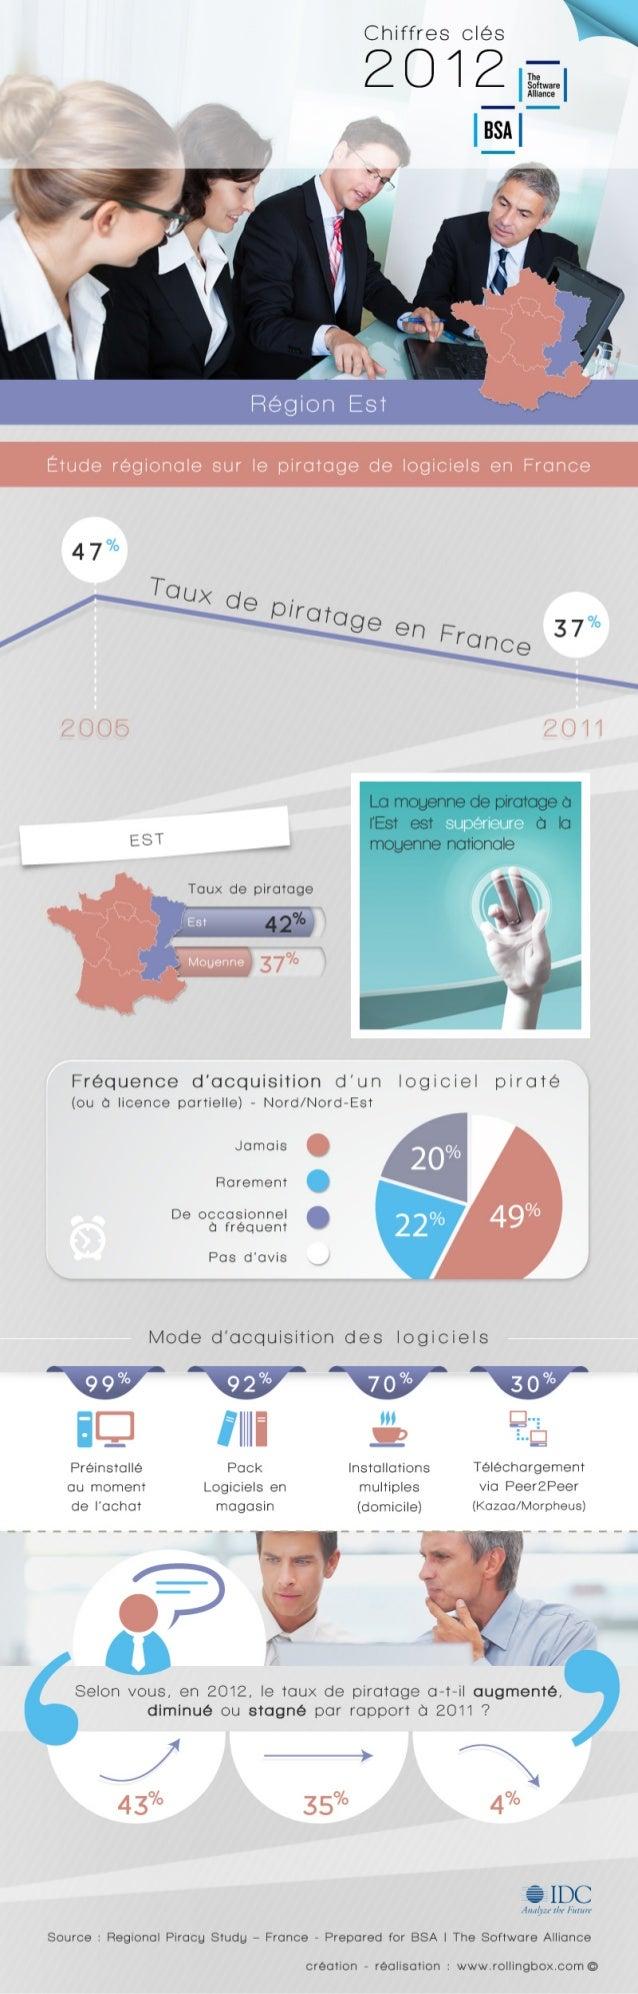 [Est de la France] Etude régionale sur le piratage de logiciels dans l'Est de la France - BSA | The Software Alliance / IDC